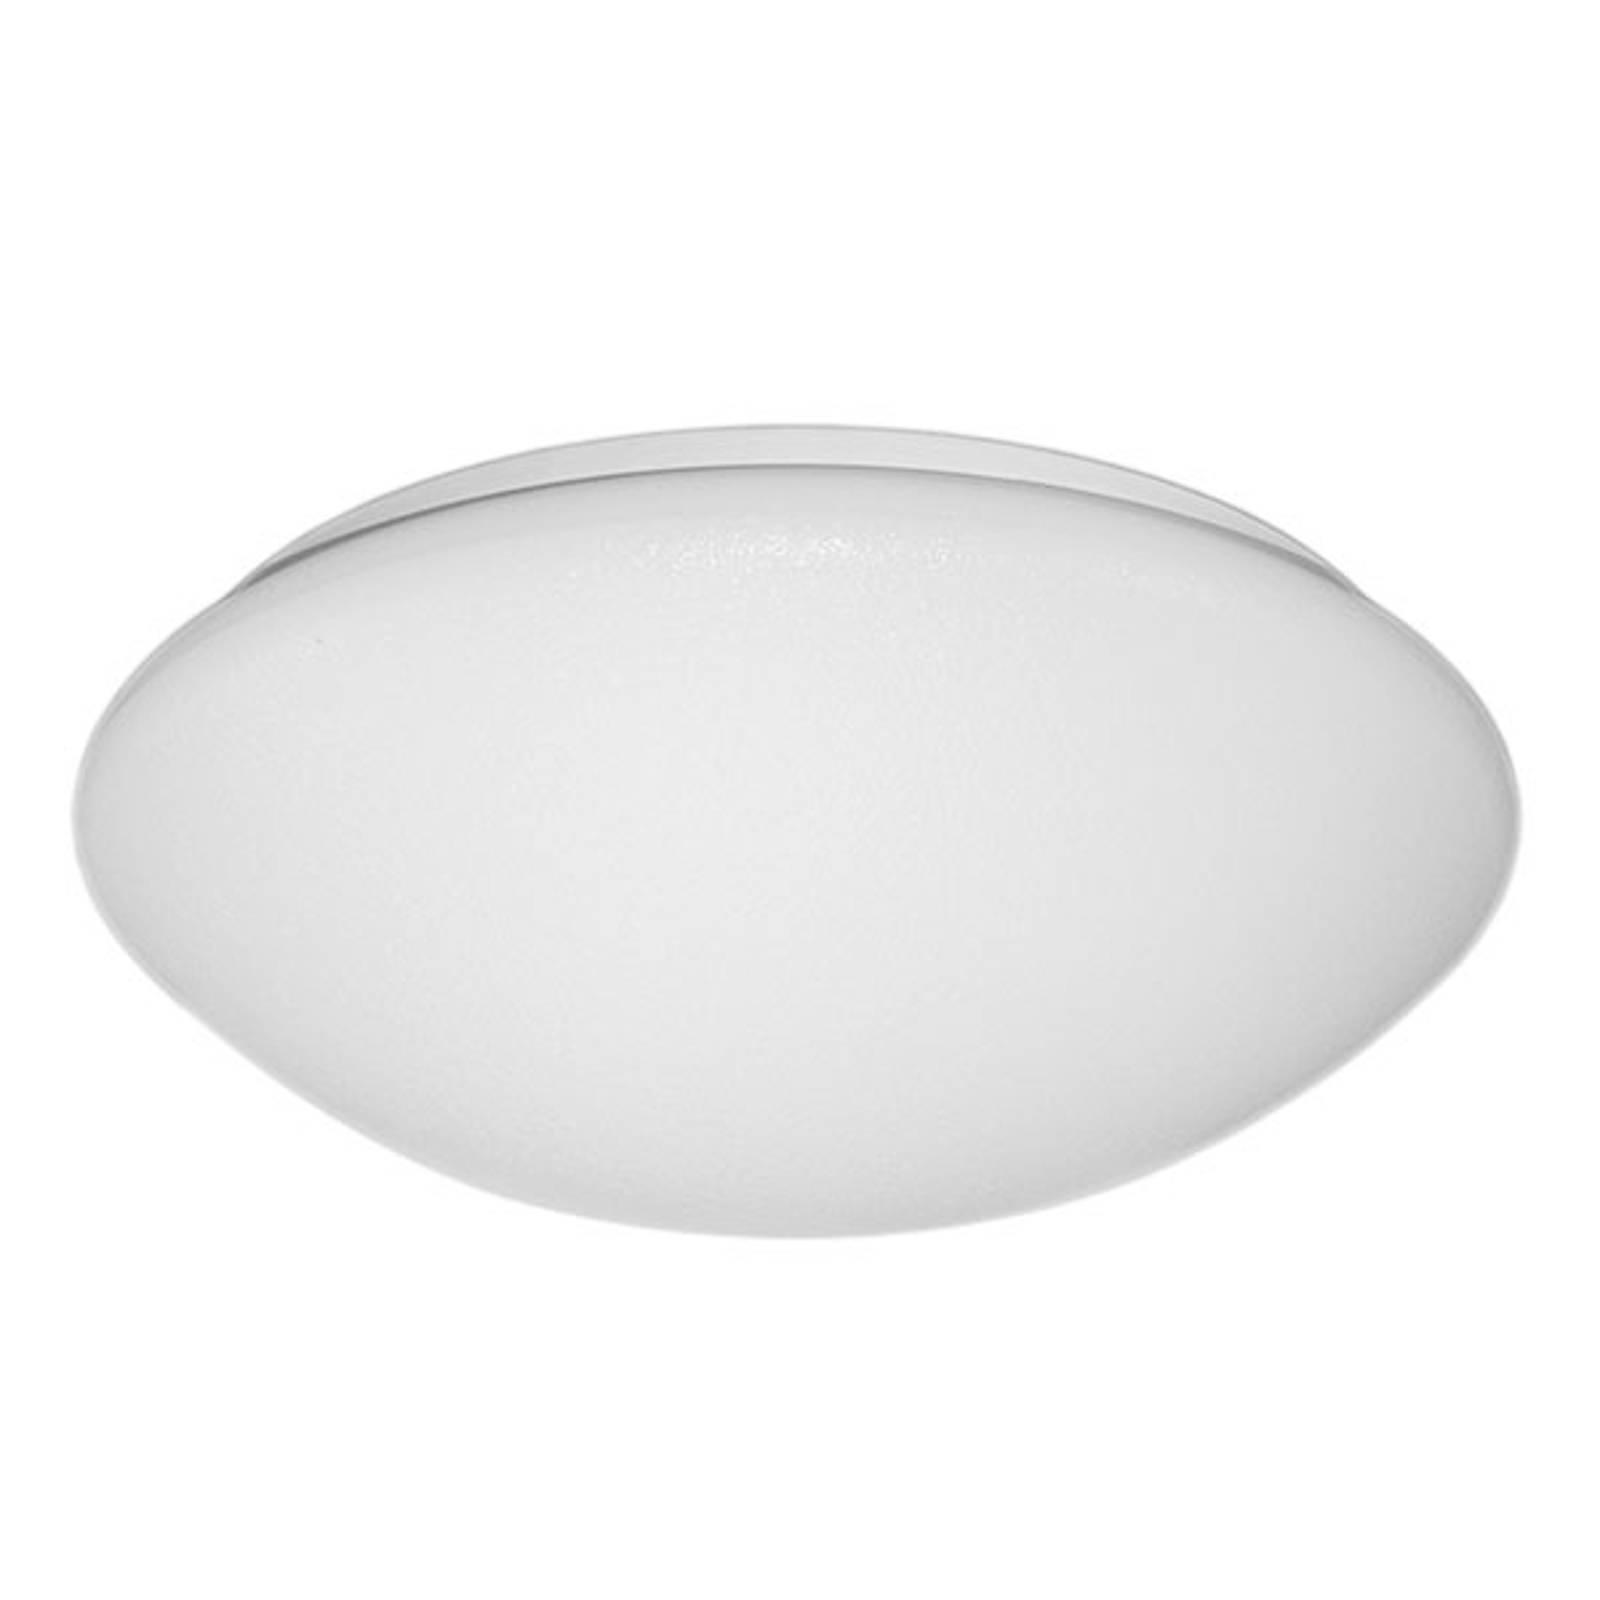 Suuri LED-kattolamppu, iskunkestävä, 35 W, 4 000 K